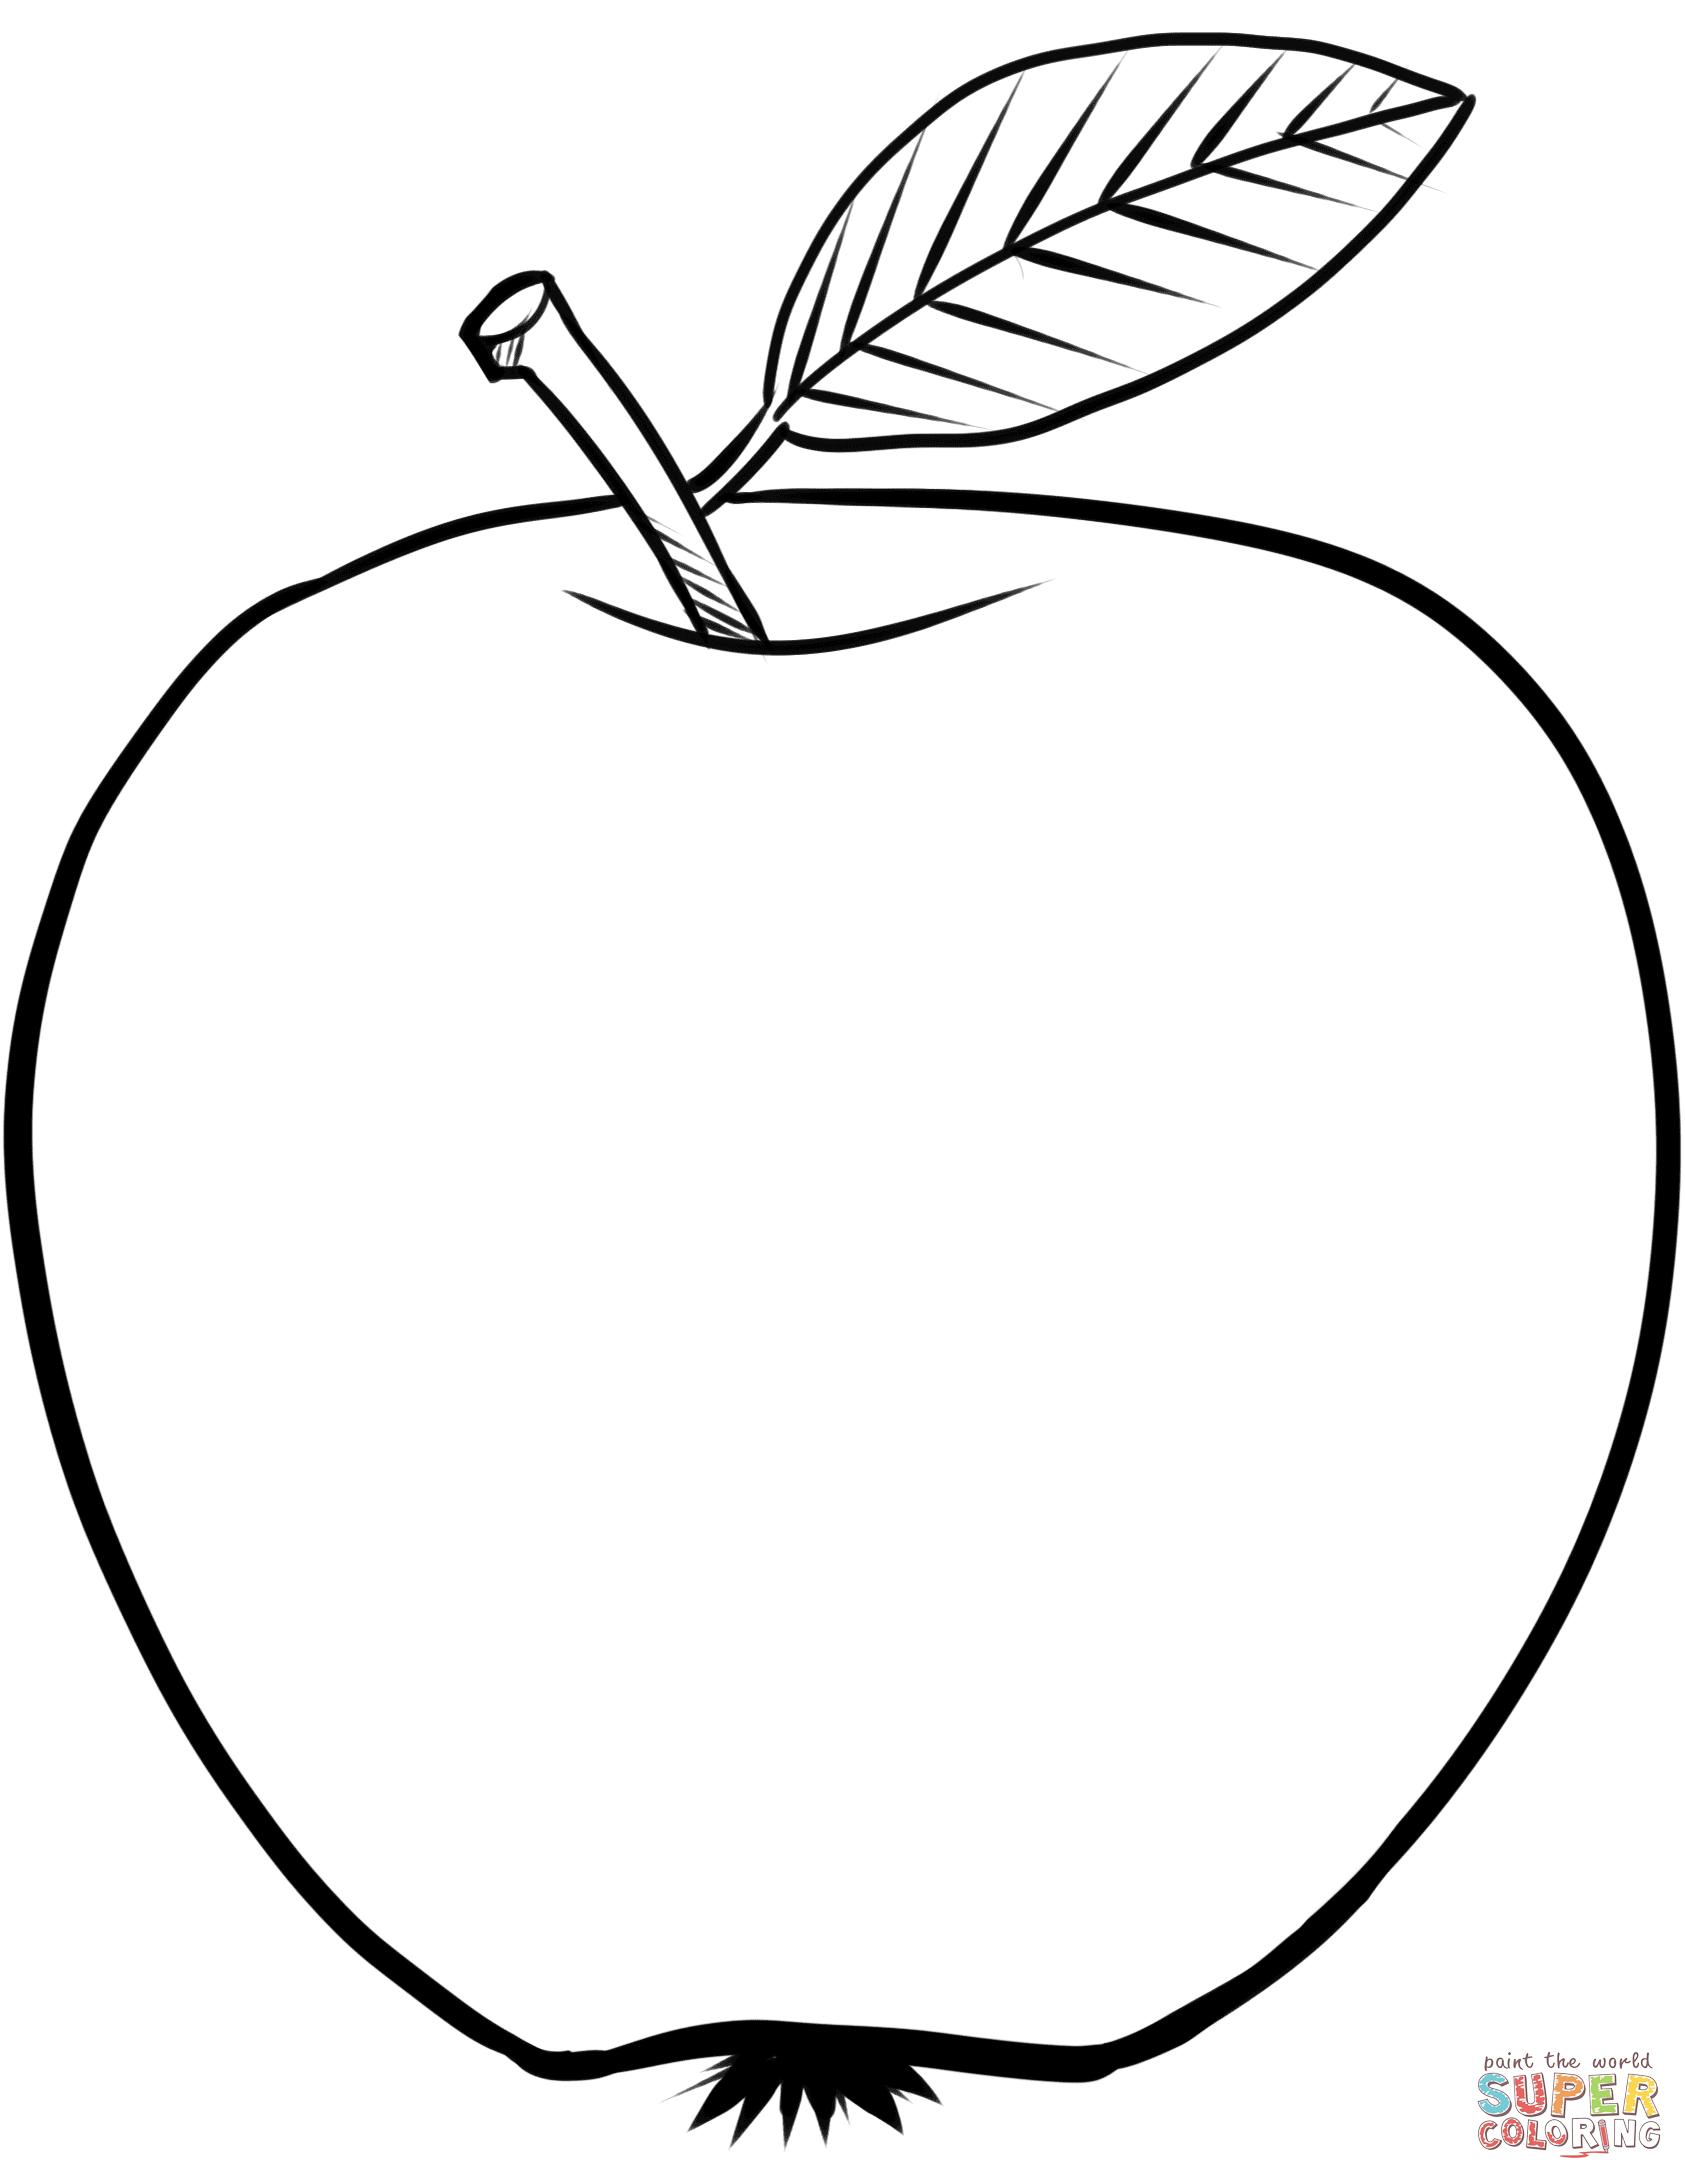 Ausmalbild Apfel Ausmalbilder Kostenlos Zum Ausdrucken Kostenlose Ausmalbilder Malvorlagen Blumen Ausmalbilder